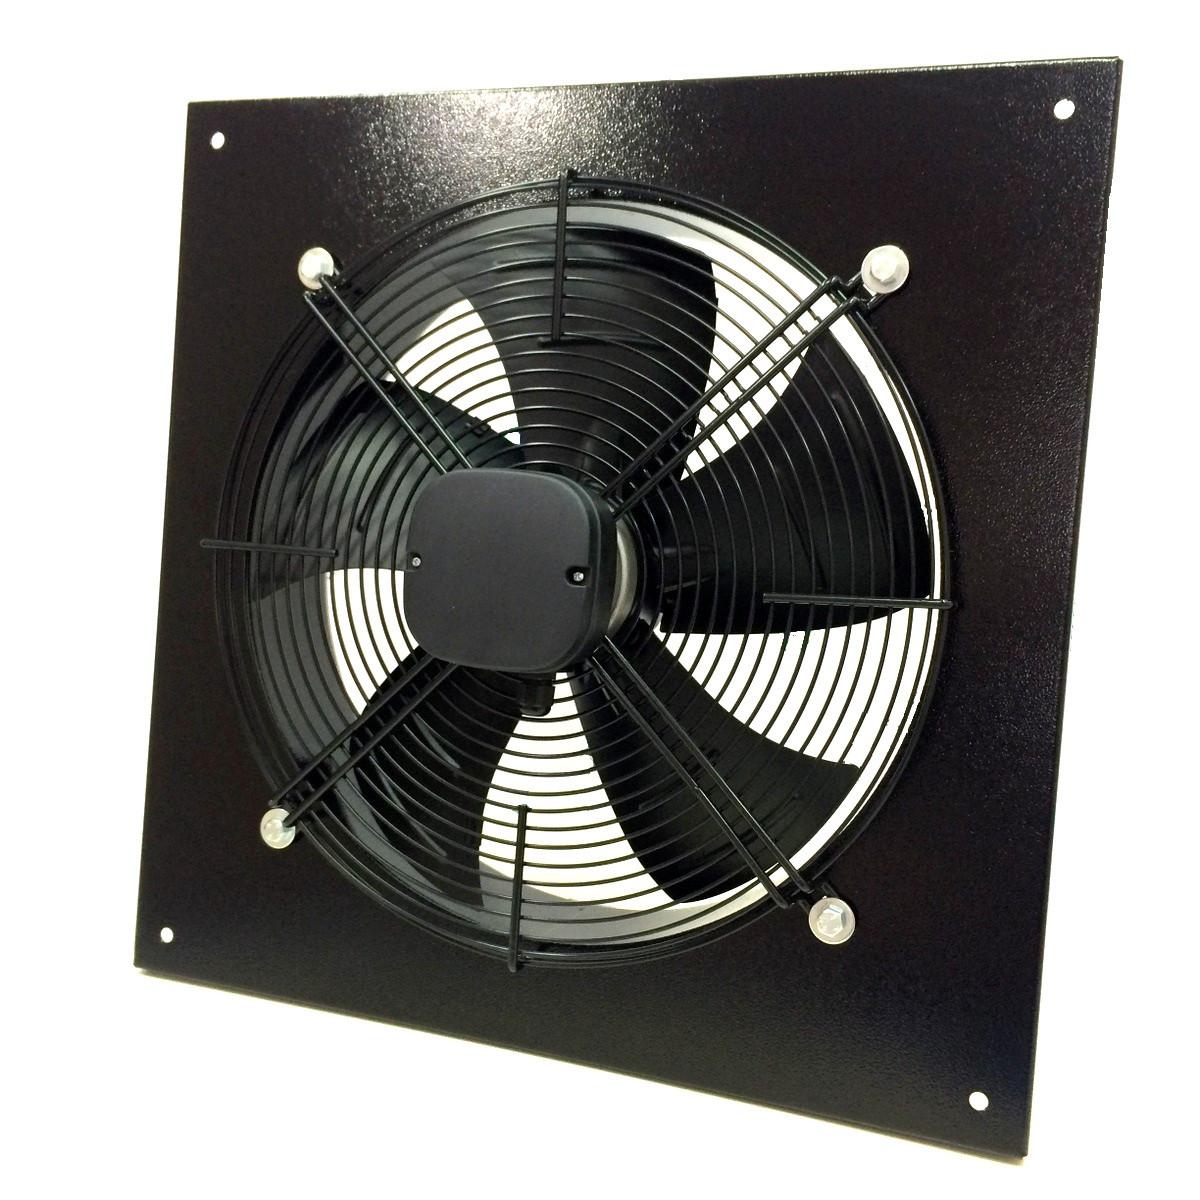 ВЕНТС ОВ 4Е 350 - осевой вентилятор низкого давления